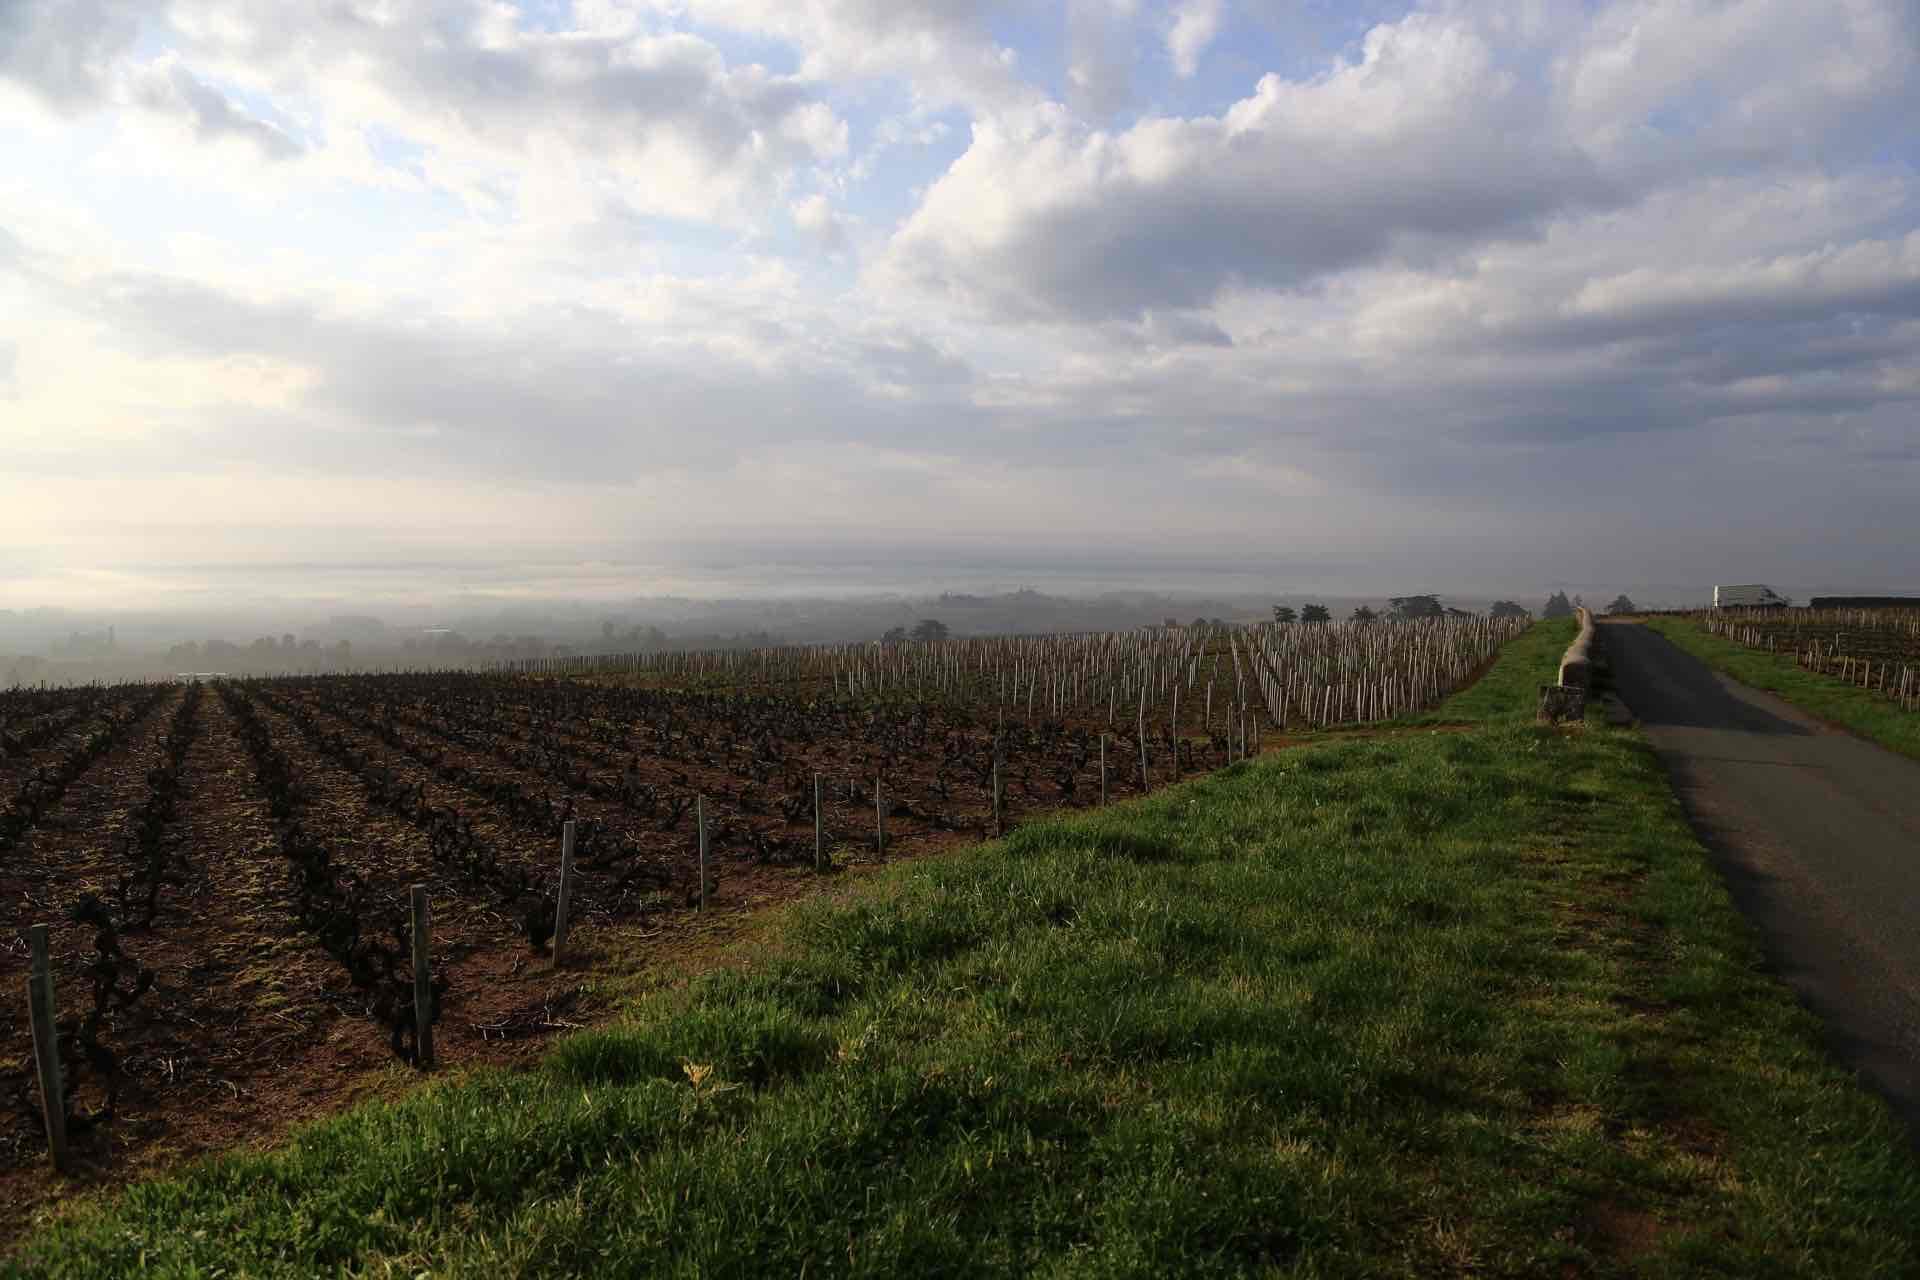 Domaine Michel Guignier - アペロ ワインバー / apéro WINEBAR - vins et petits plats français - Minami Aoyama Tokyo